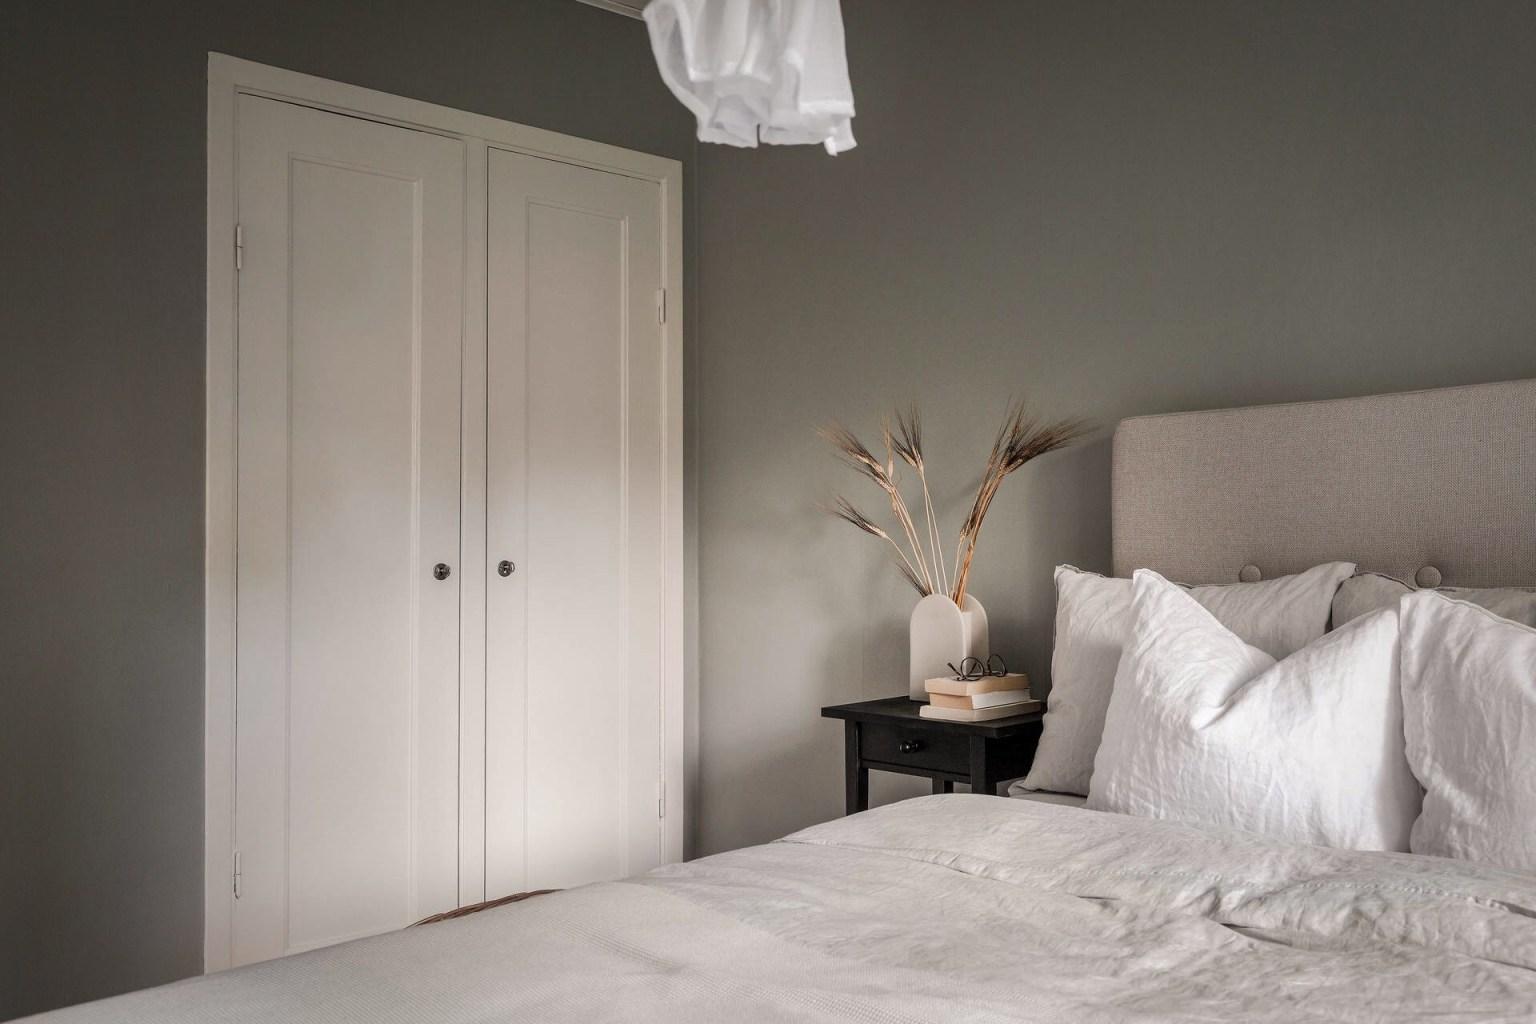 """20 bedroom wardrobe 16056887147161709196028 - Căn nhà cấp 4 màu xanh da trời nhìn ngoài thì bình thường mà bên trong khiến ai cũng """"sững sờ"""""""